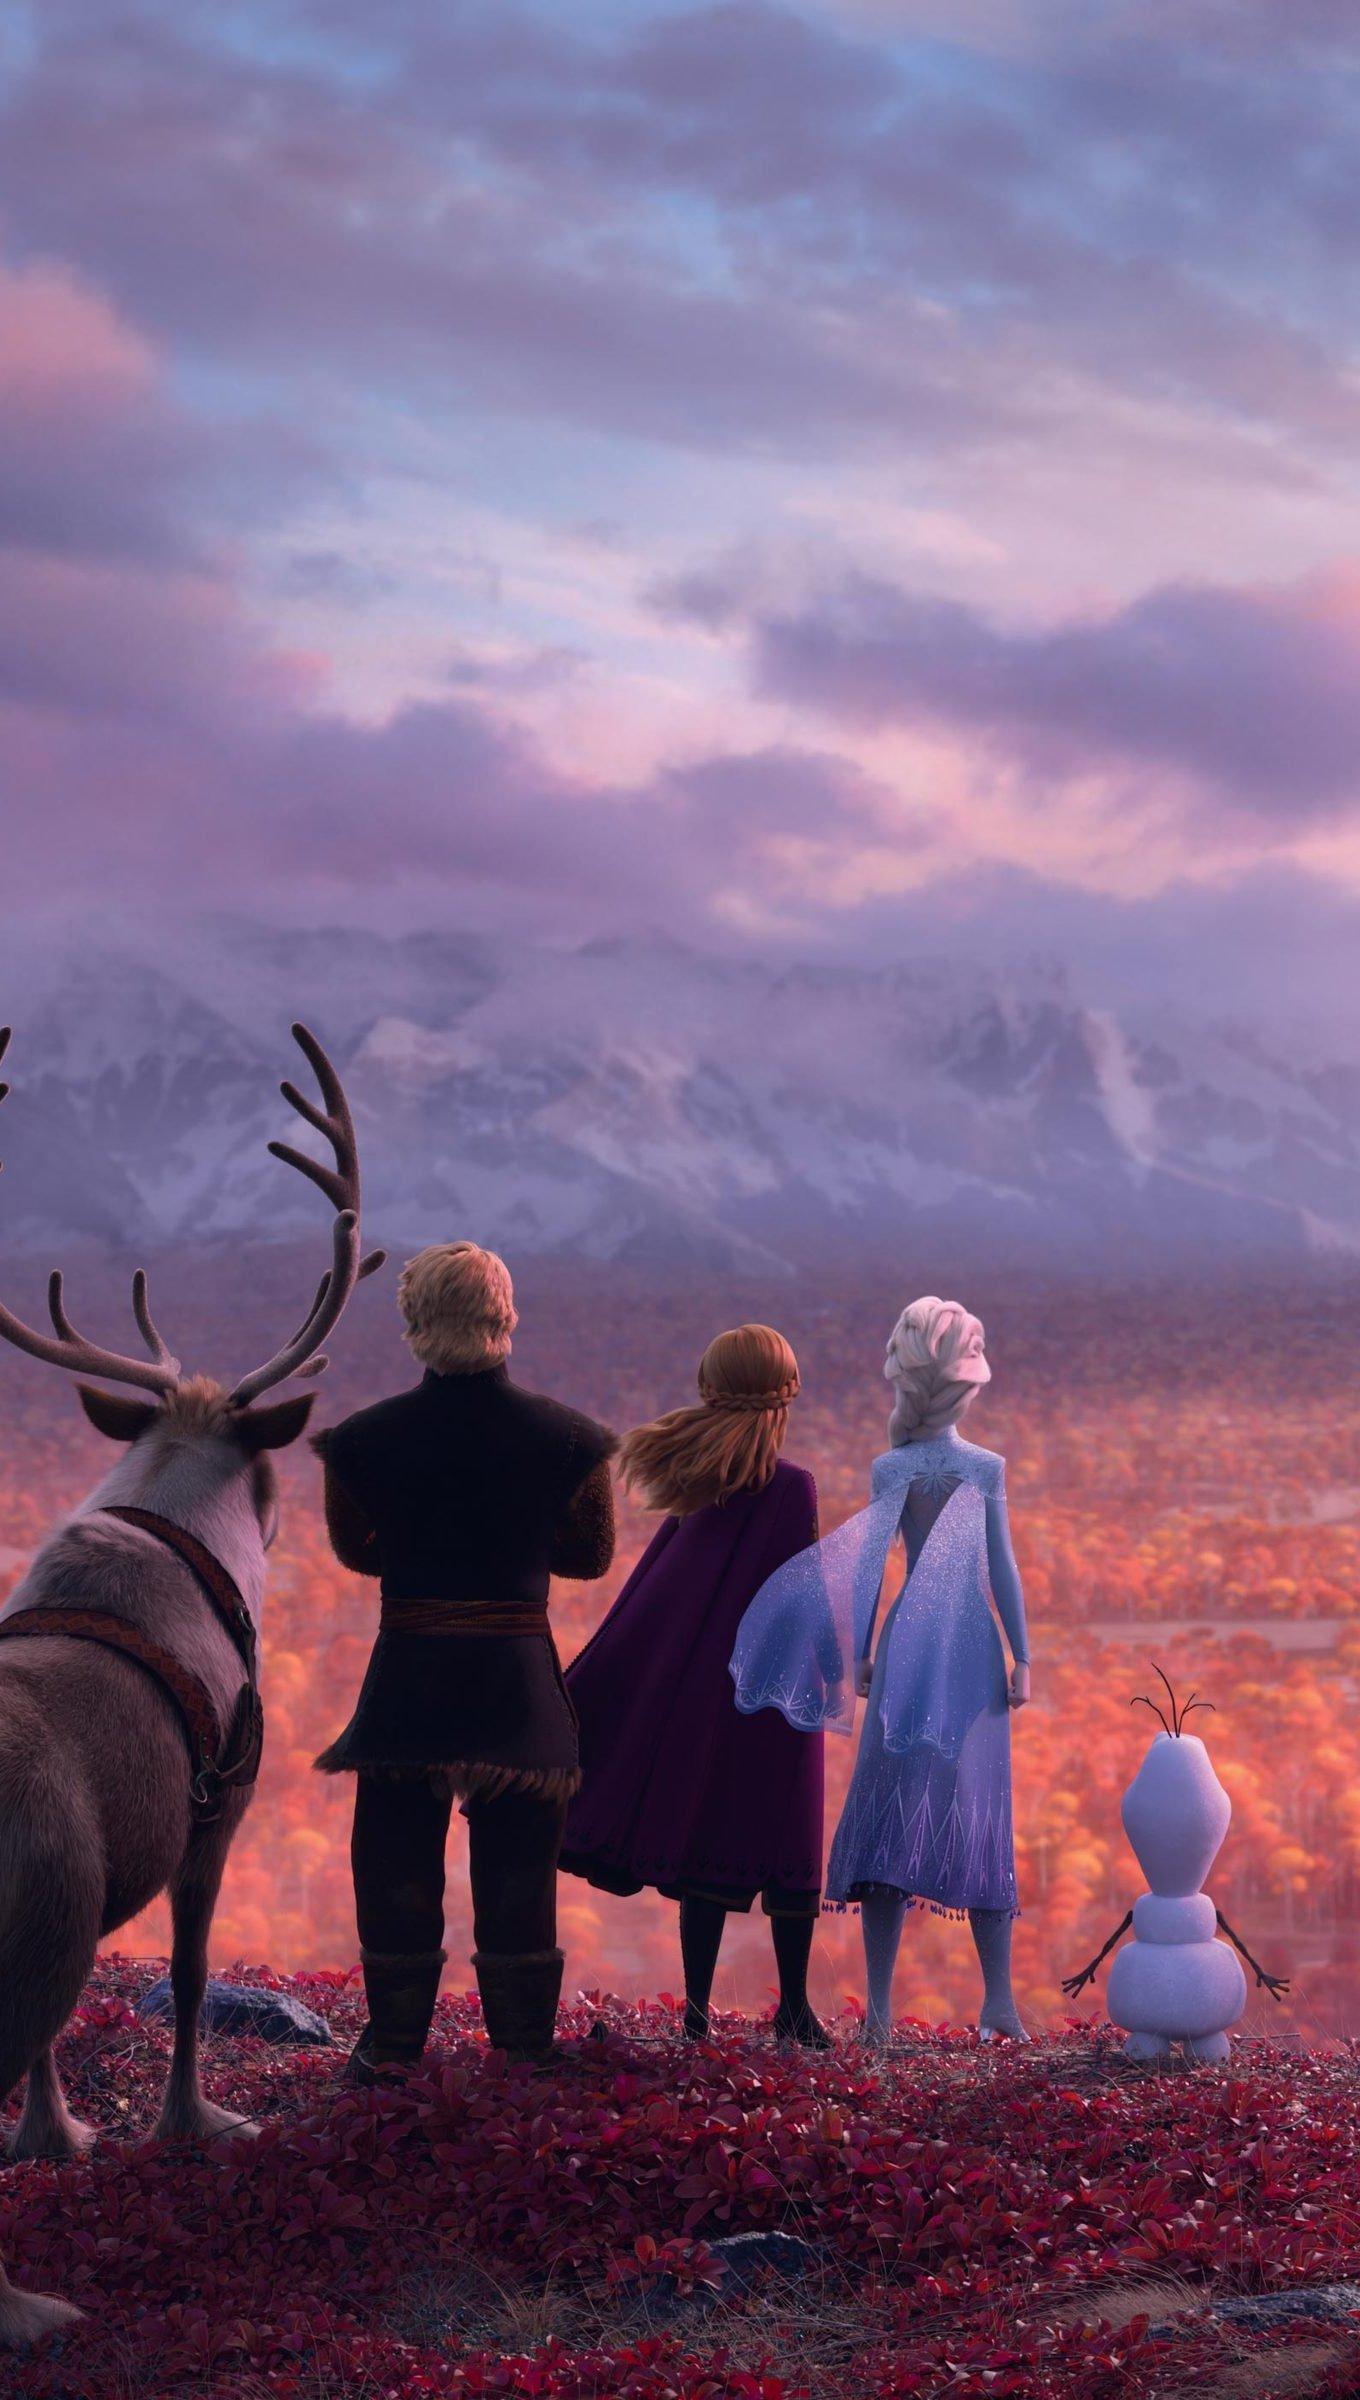 Wallpaper Frozen characters Vertical